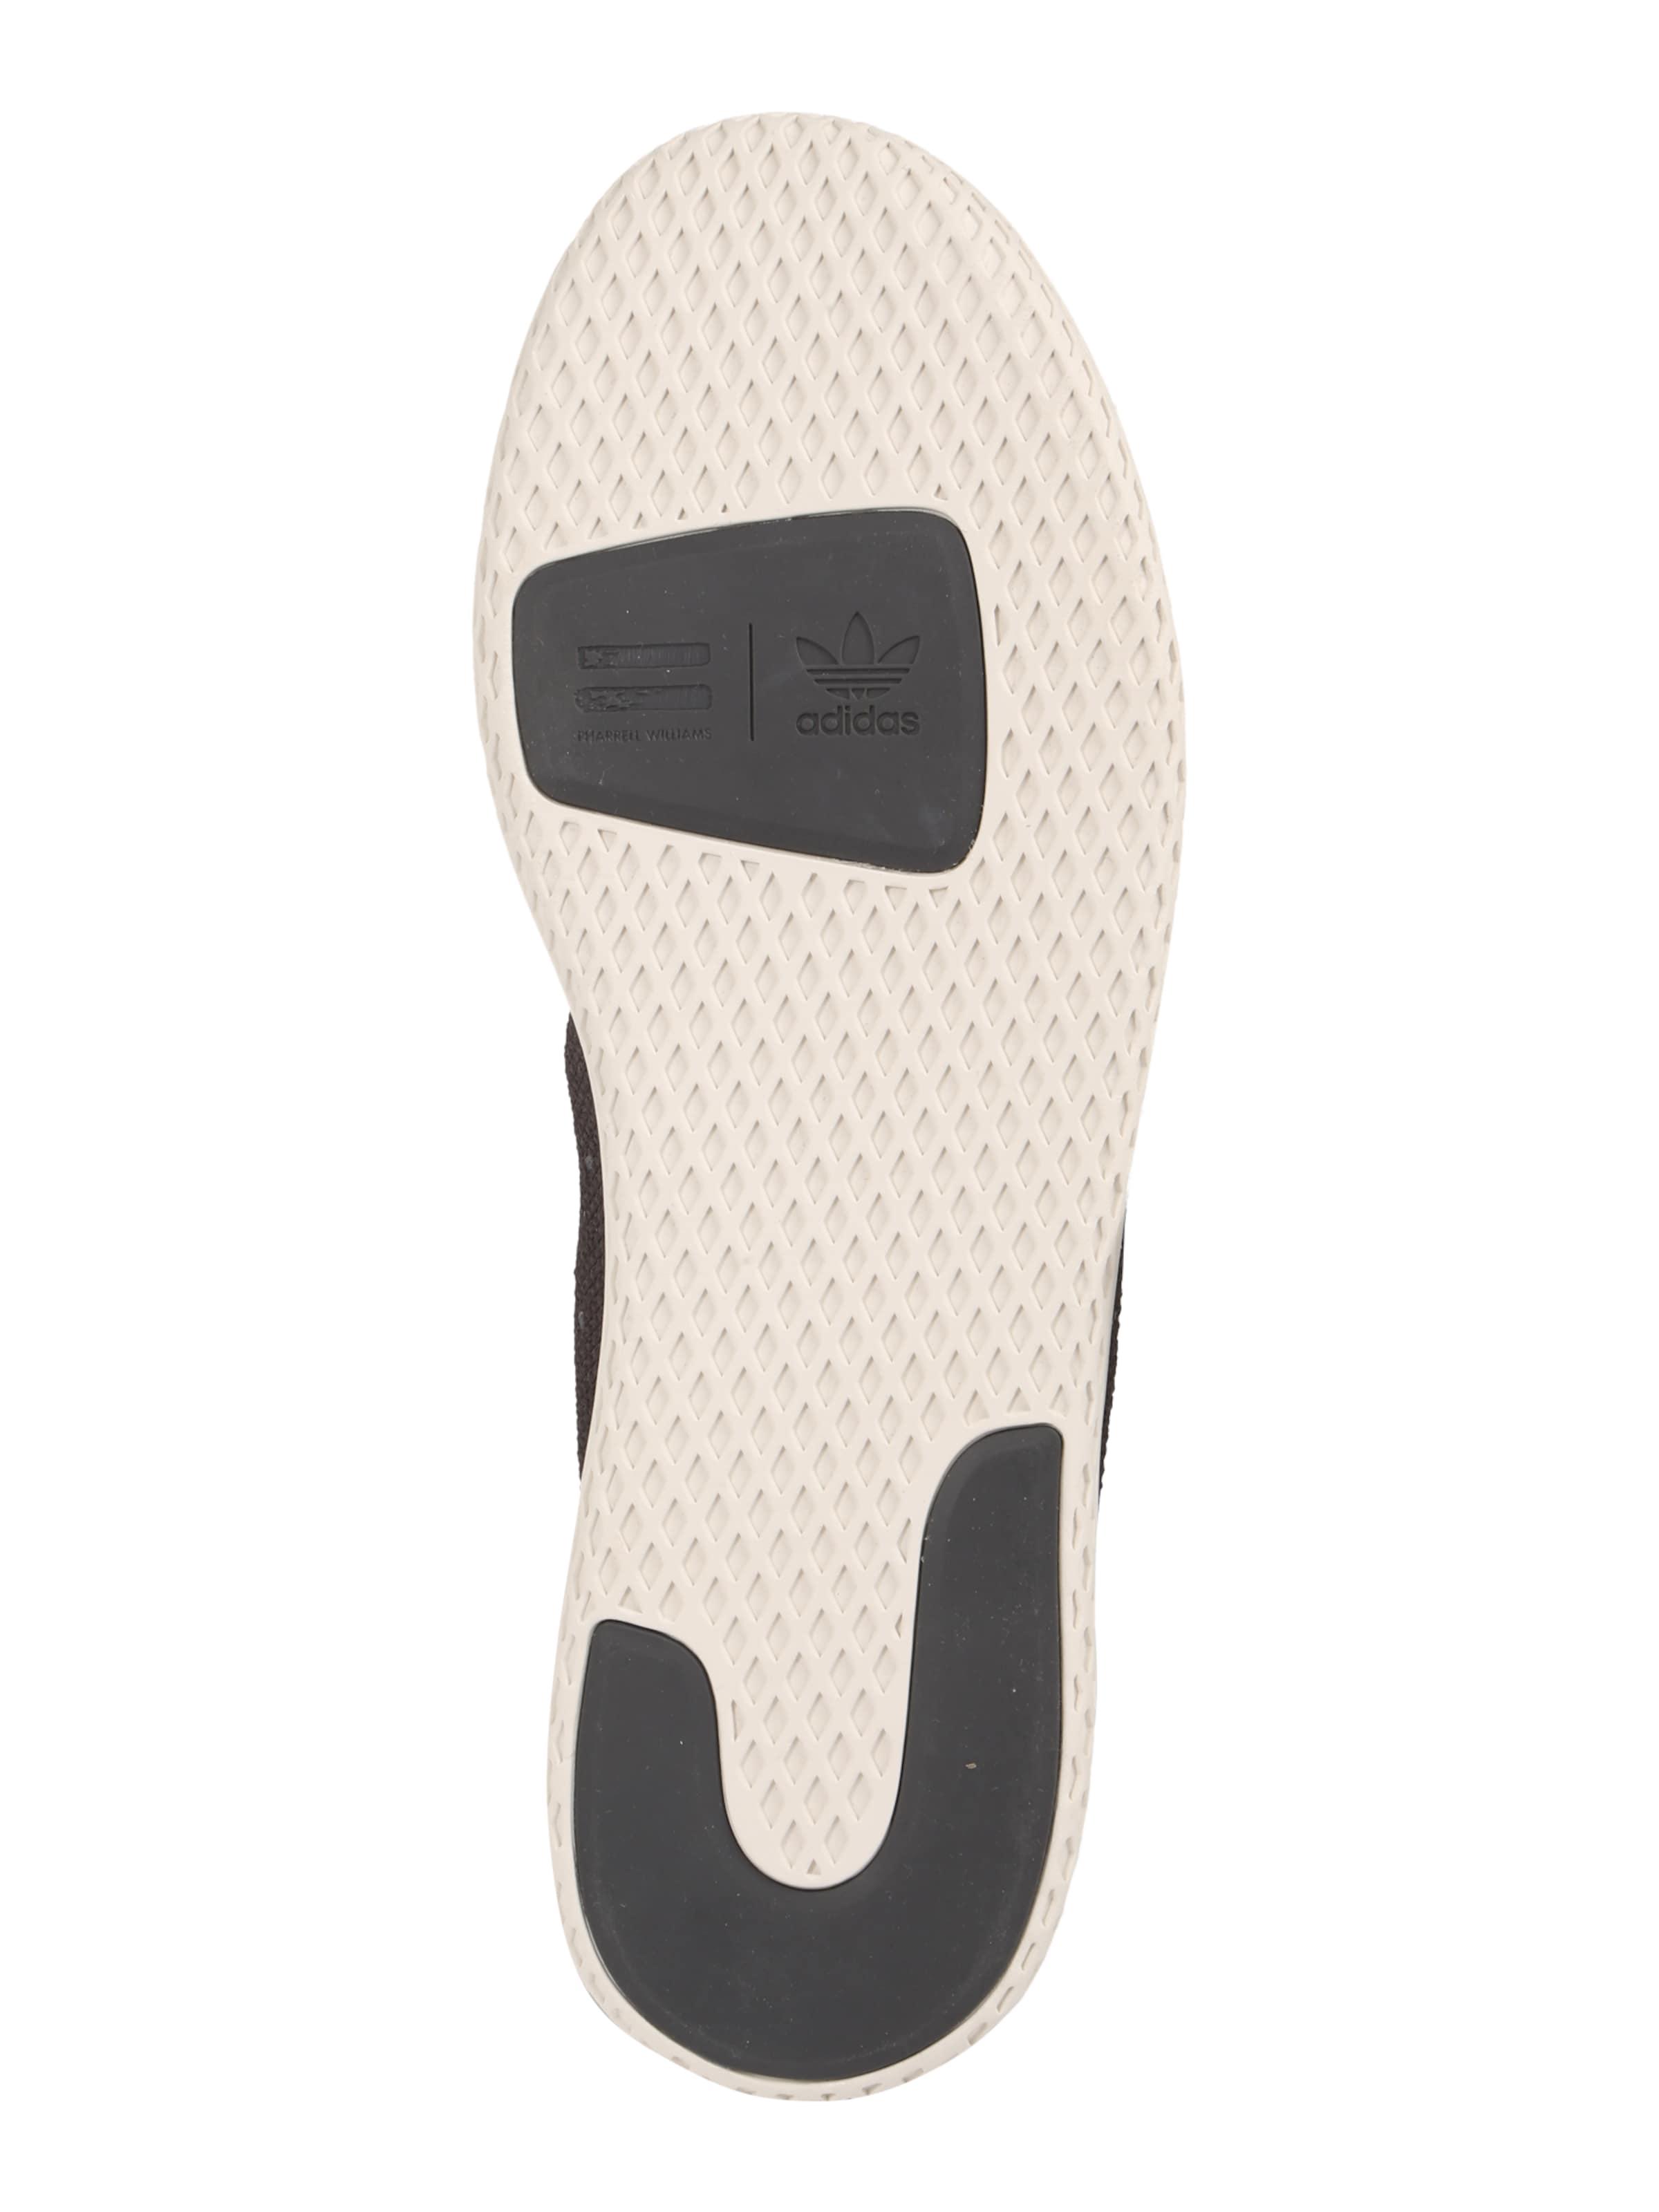 Auslass  Wo Zu Kaufen ADIDAS ORIGINALS Sneaker 'PW TENNIS HU' Kosten Verkauf Online Surfen Günstig Online Kauf Zum Verkauf UIflRfP